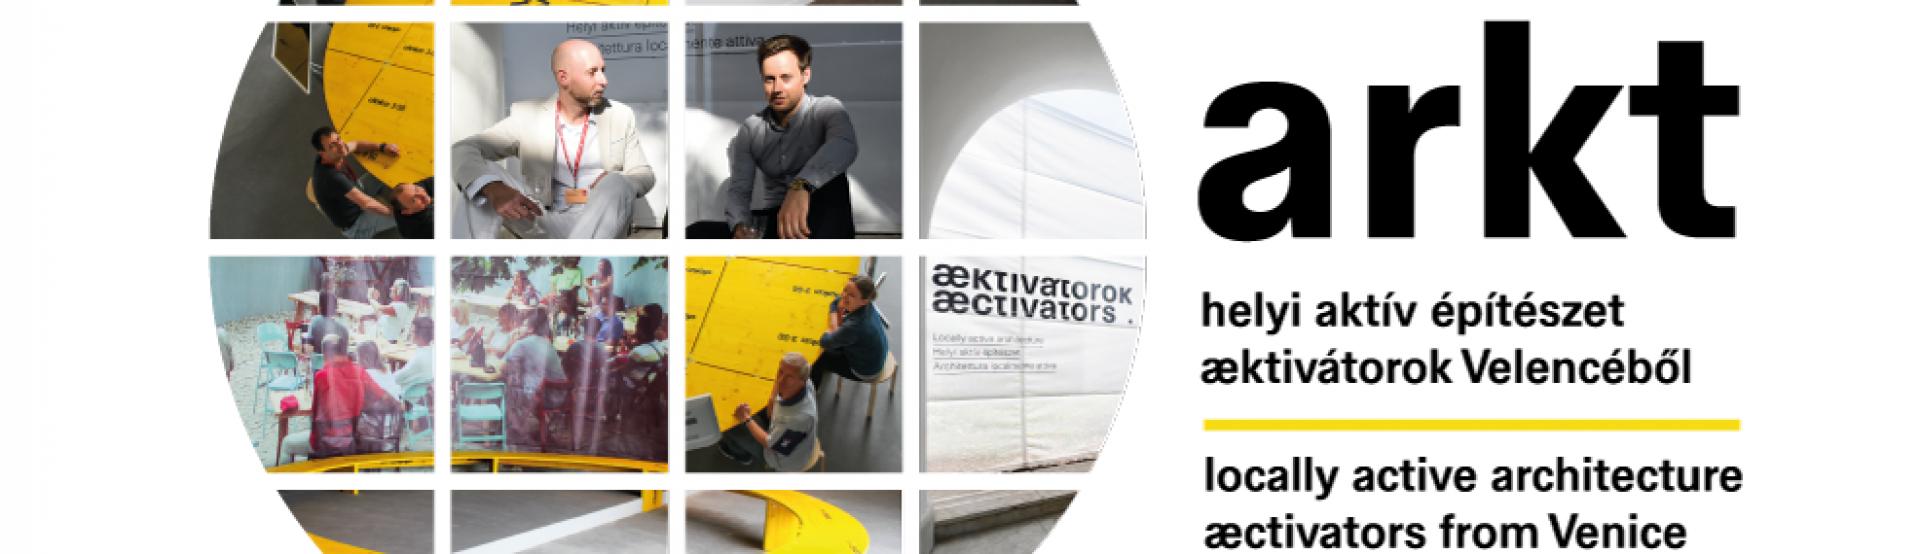 helyi aktív építészet – megnyitó 29-én